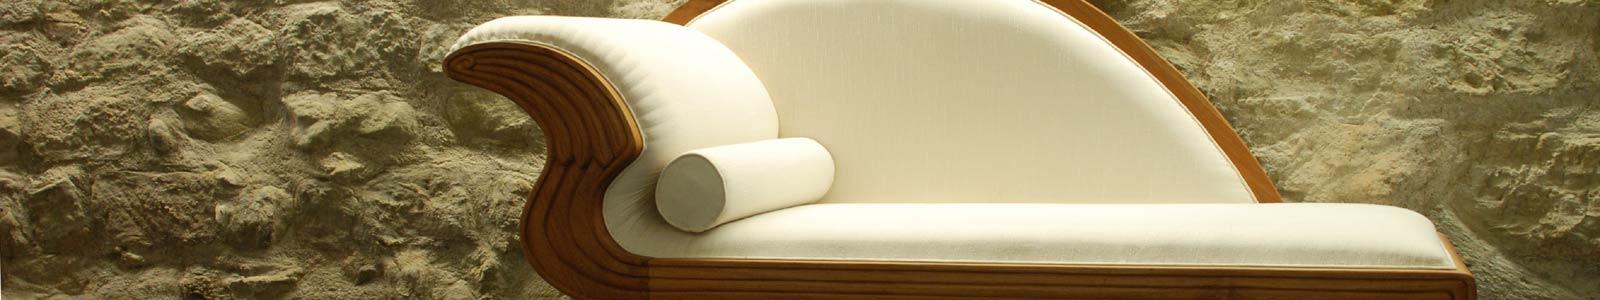 rattanm bel wie sofas sessel aus rattan vitrinen und. Black Bedroom Furniture Sets. Home Design Ideas